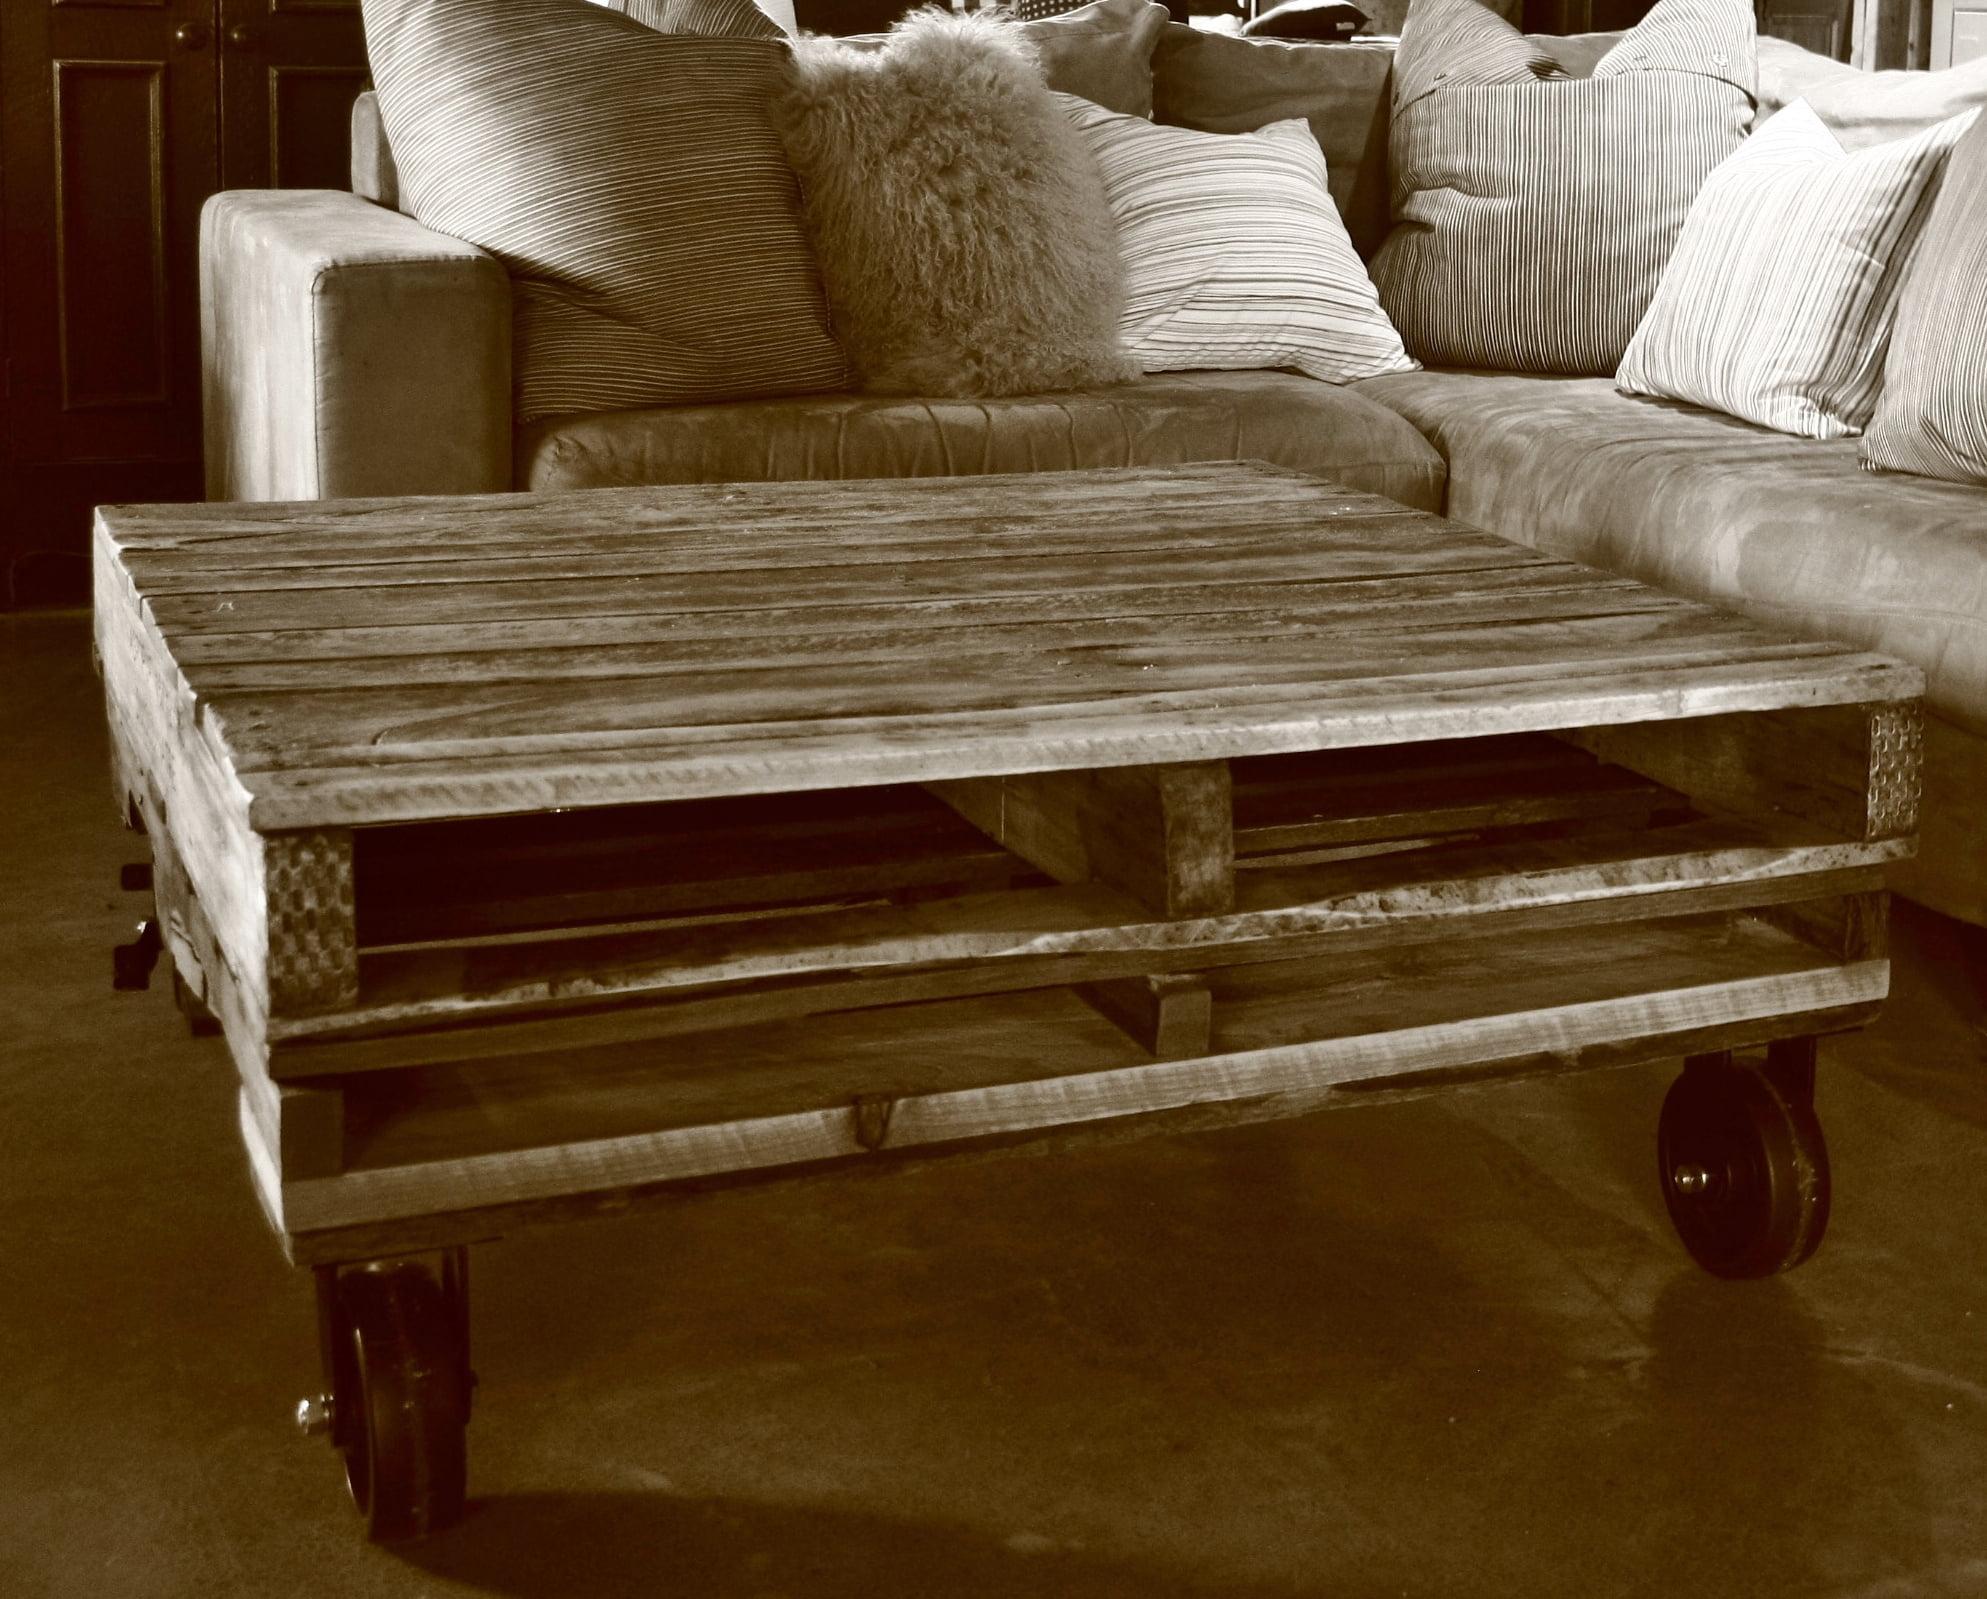 meuble en palette vieux bois bois recycl de style rustique industrielle. Black Bedroom Furniture Sets. Home Design Ideas